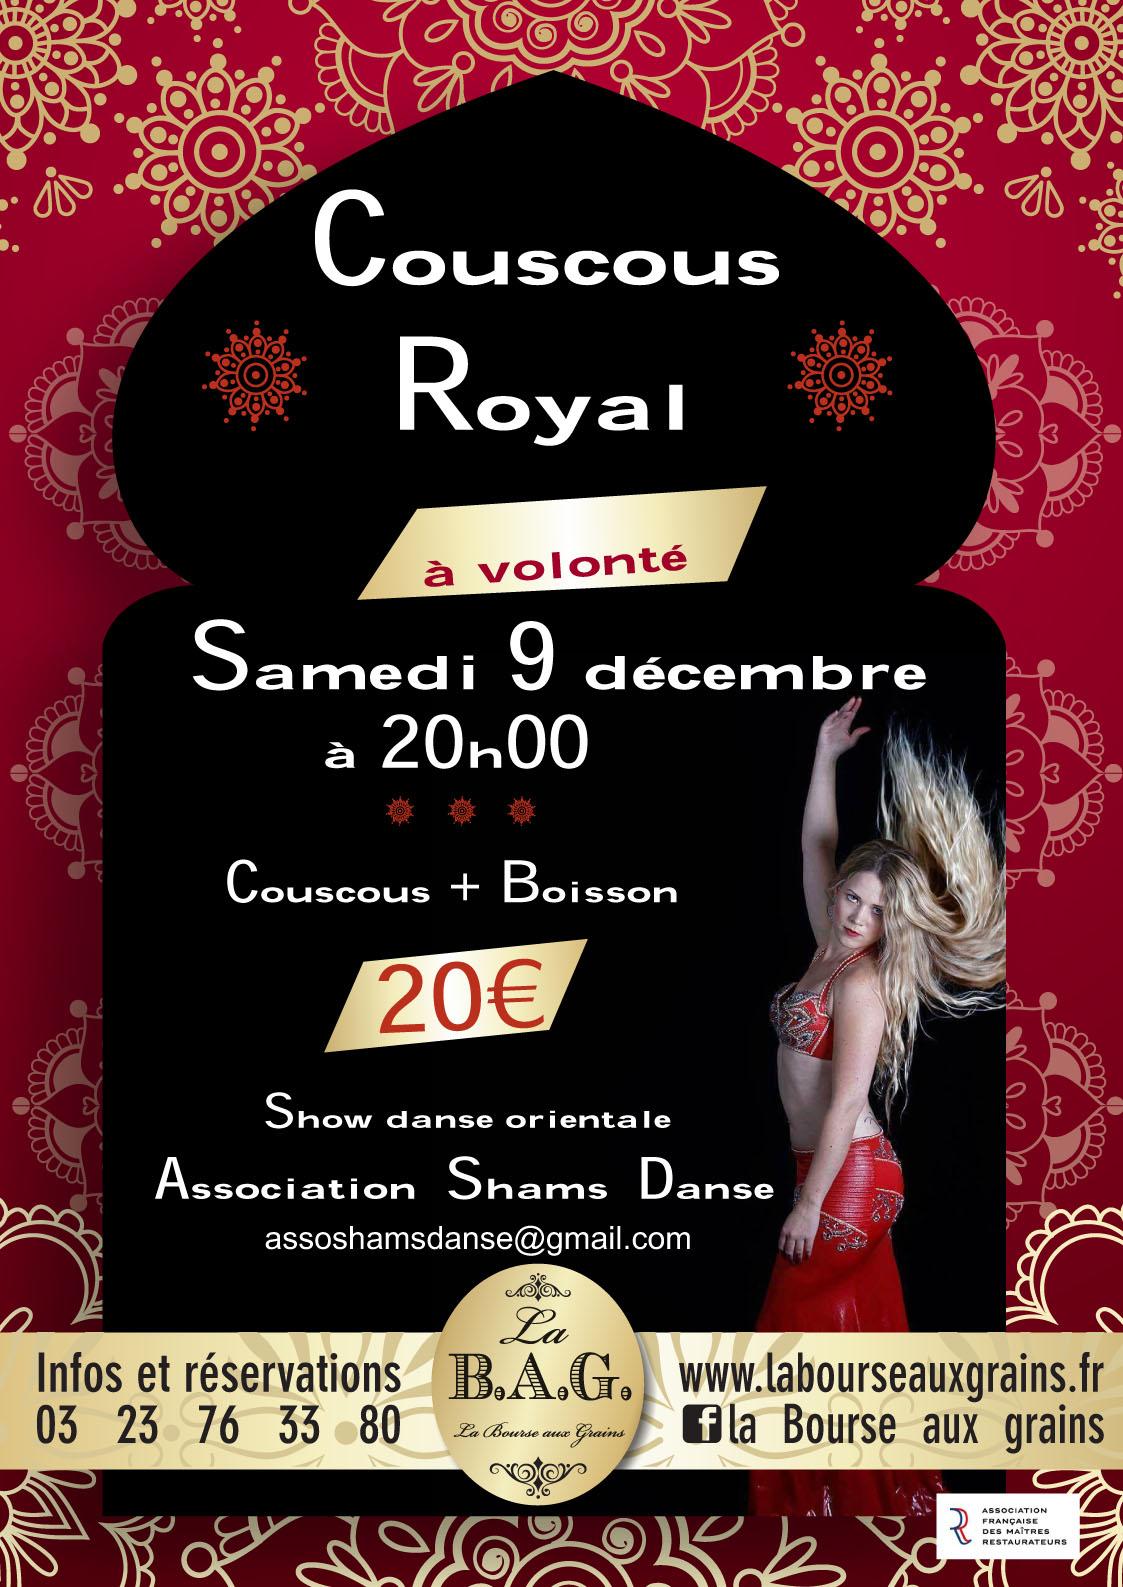 Restaurant Soissons : Soirée Couscous Royal 9 décembre 2017